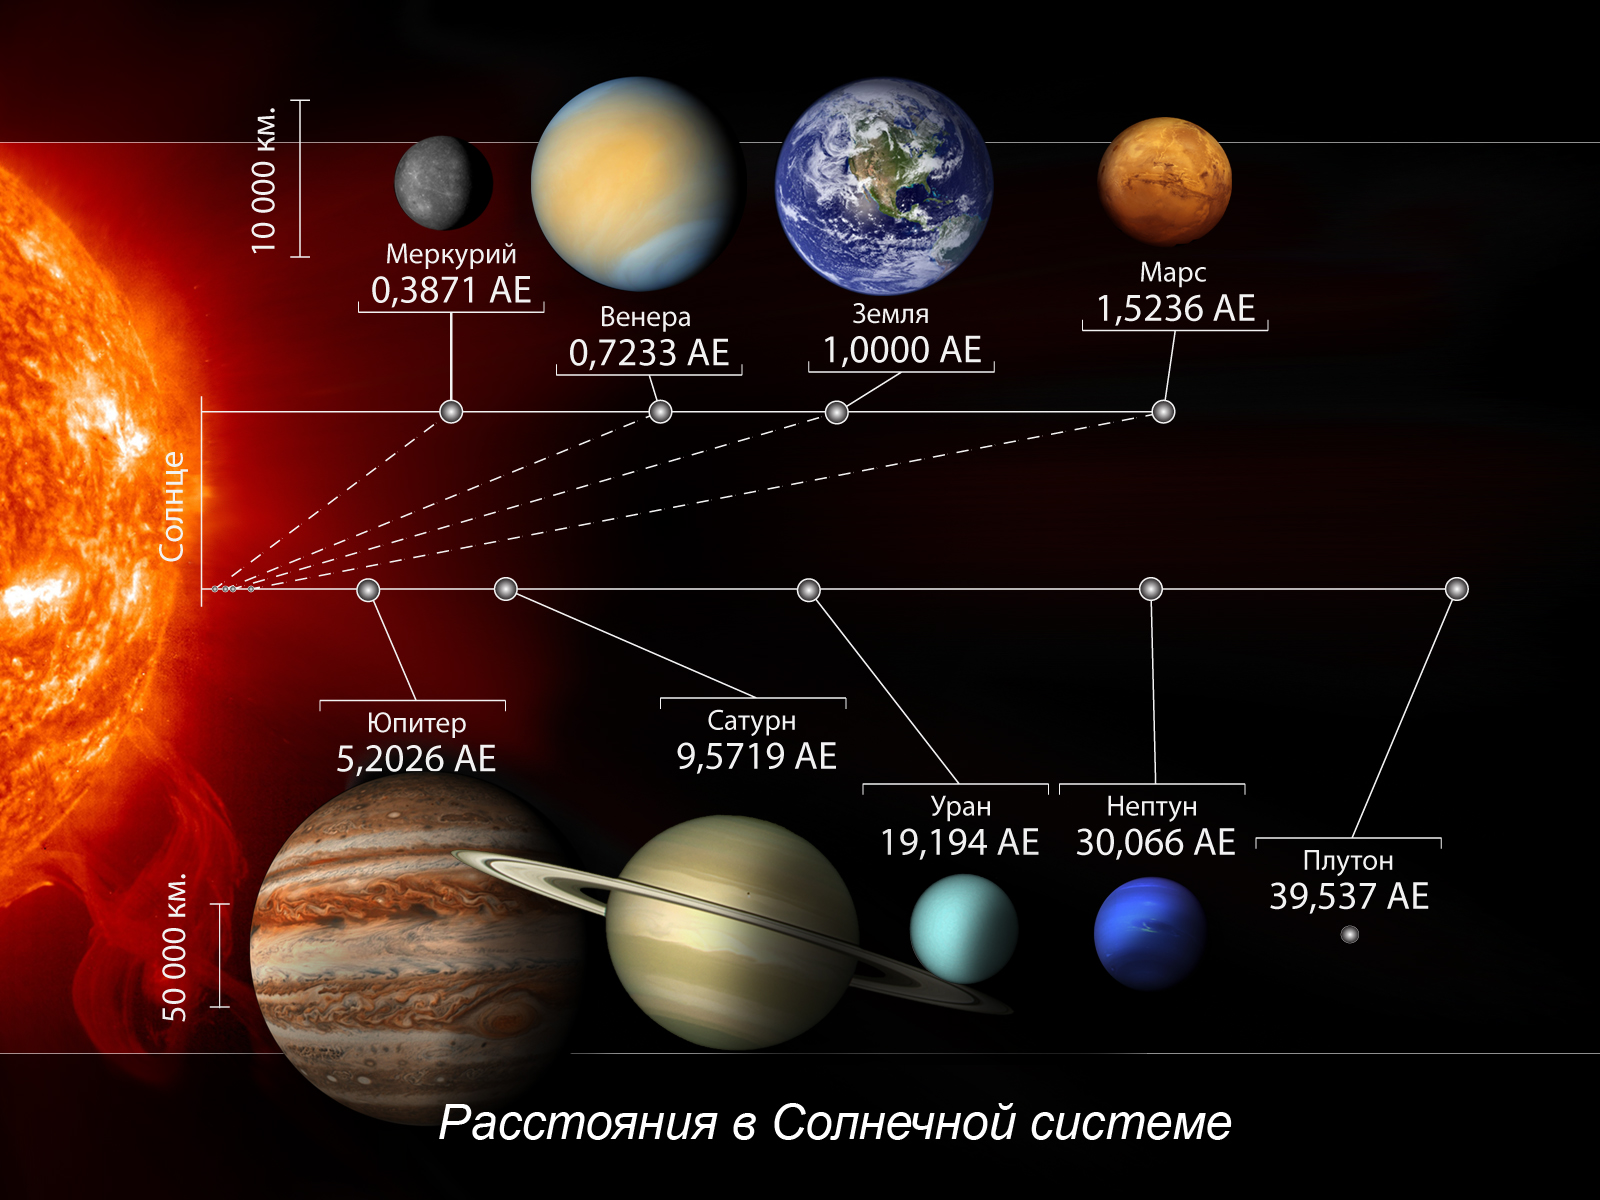 Планеты и звезды солнечной системы